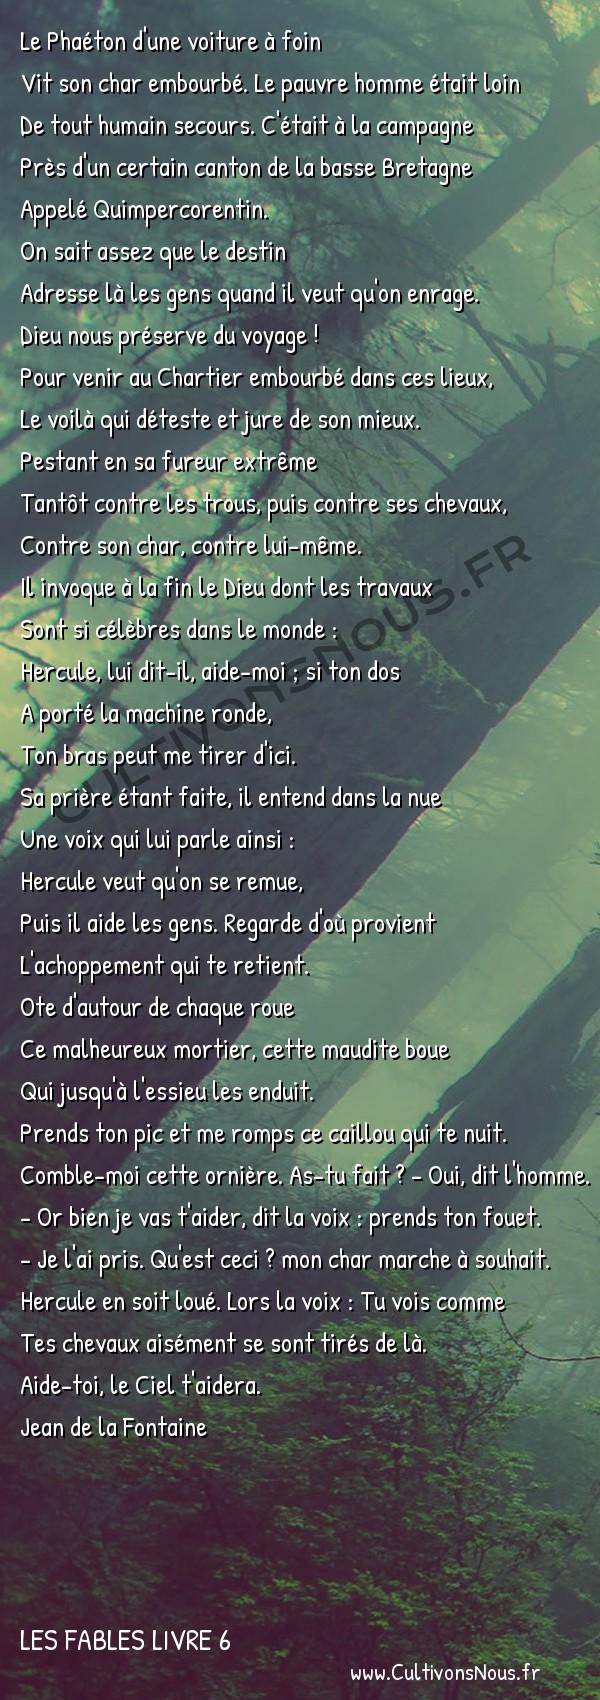 Fables Jean de la Fontaine - Les fables Livre 6 - Le Chartier embourbé -   Le Phaéton d'une voiture à foin Vit son char embourbé. Le pauvre homme était loin